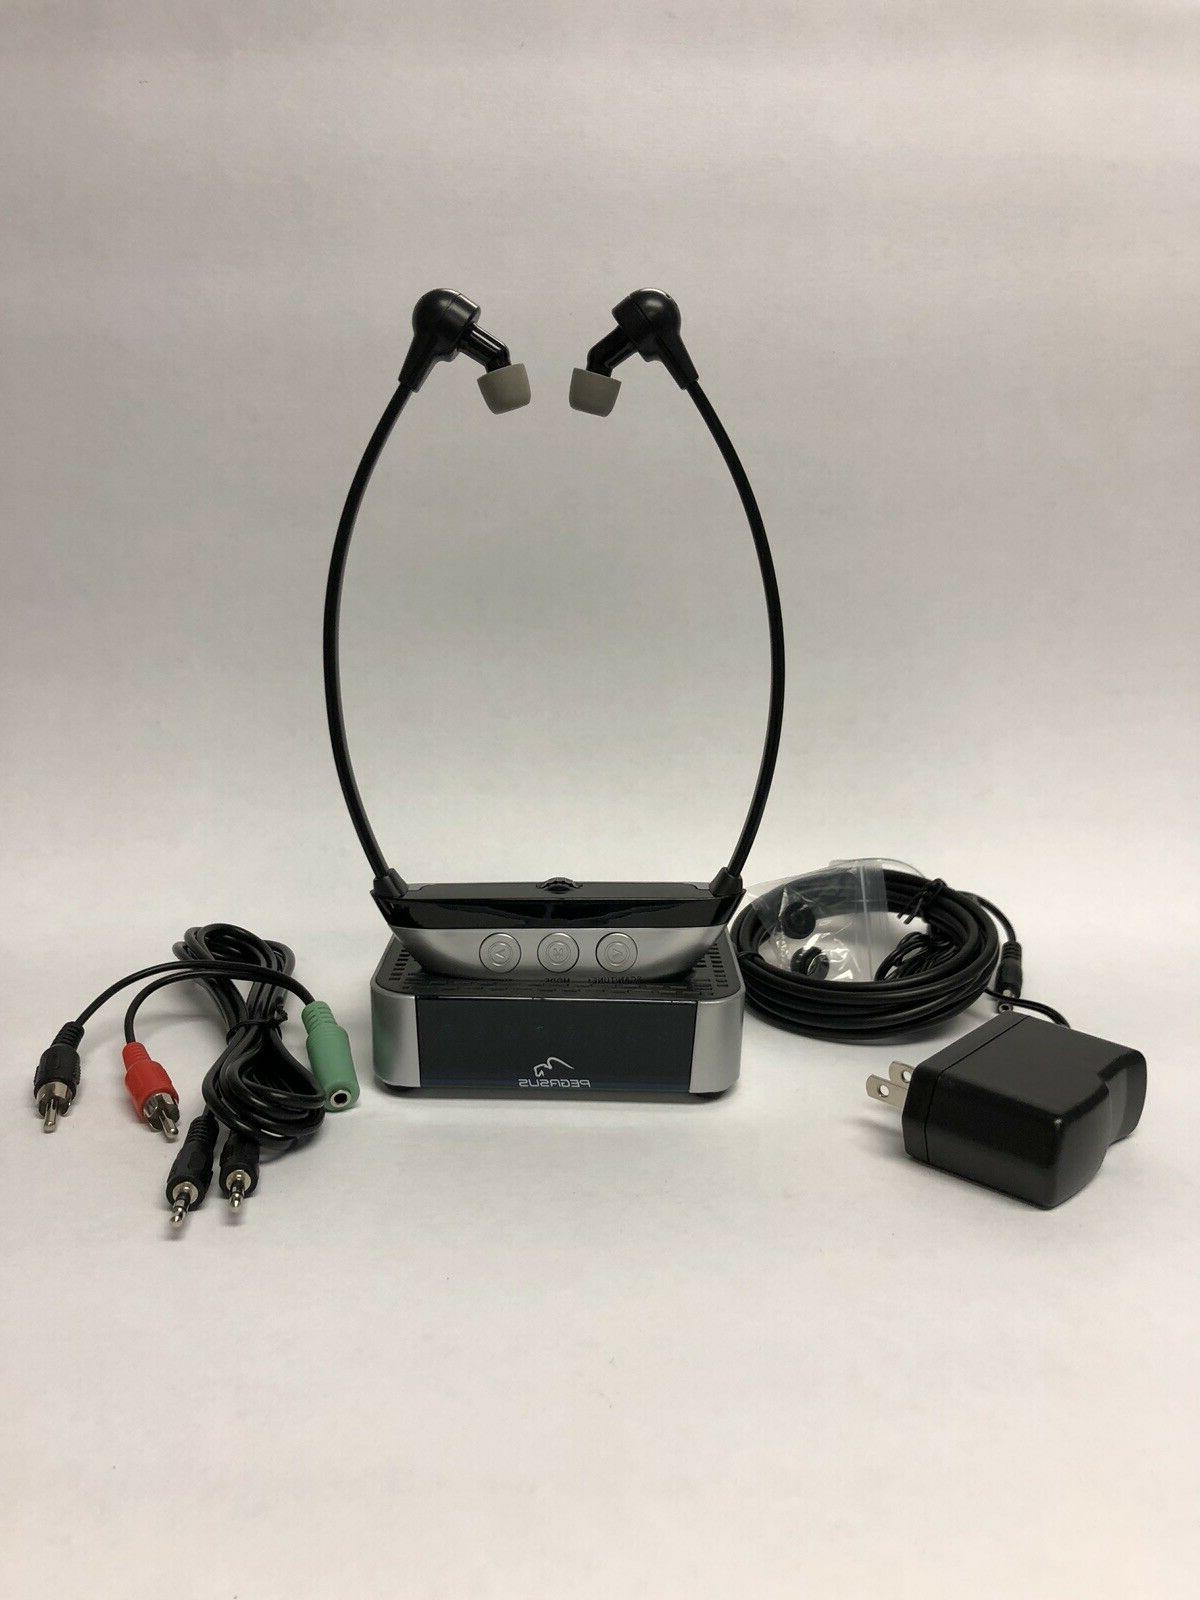 tv ears wireless tv headset tv hearing